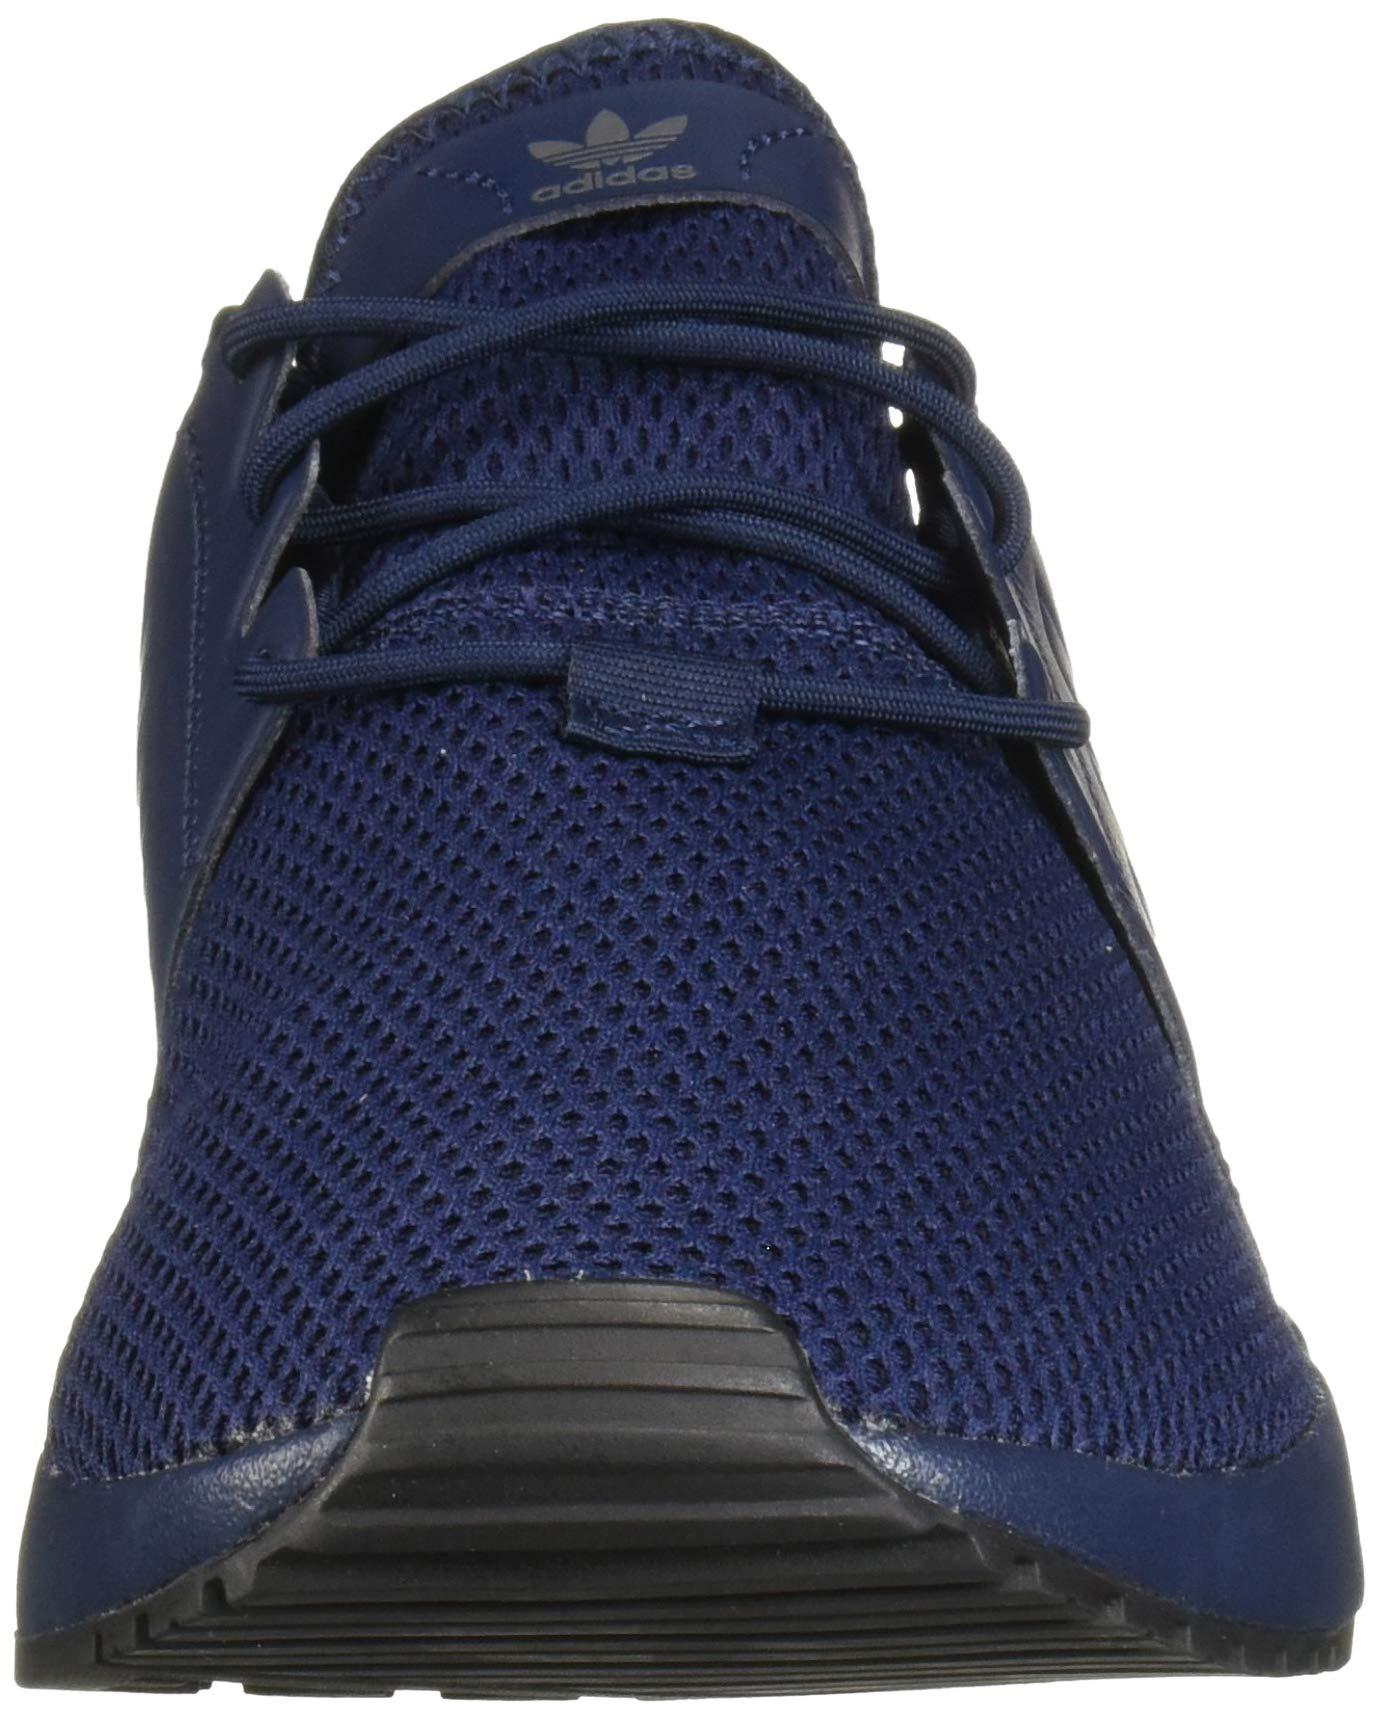 adidas Originals Men's X_PLR Running Shoe, Collegiate Navy/Collegiate Navy/Black, 8 M US